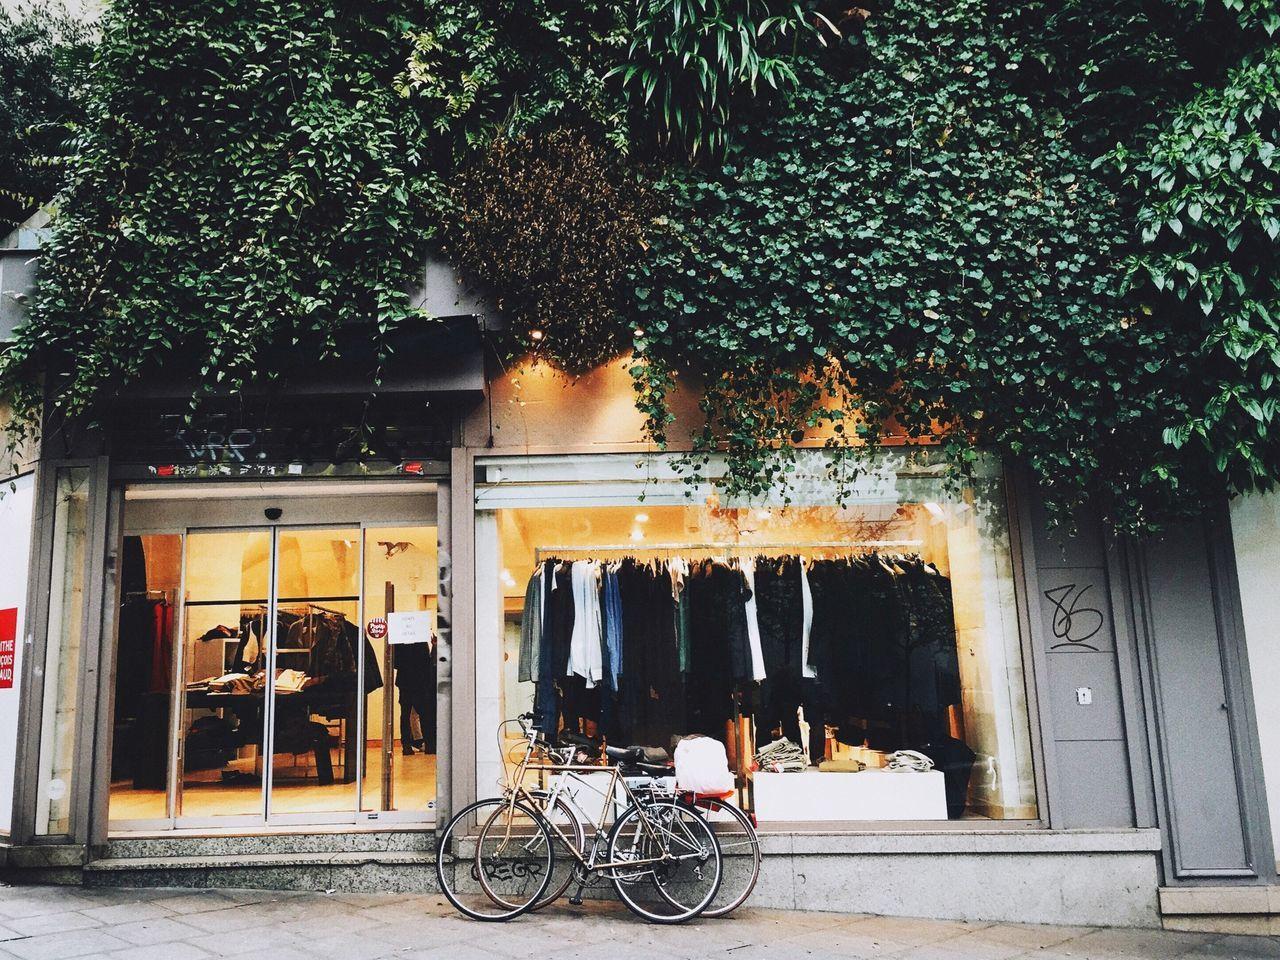 Clothing store lit up dusk